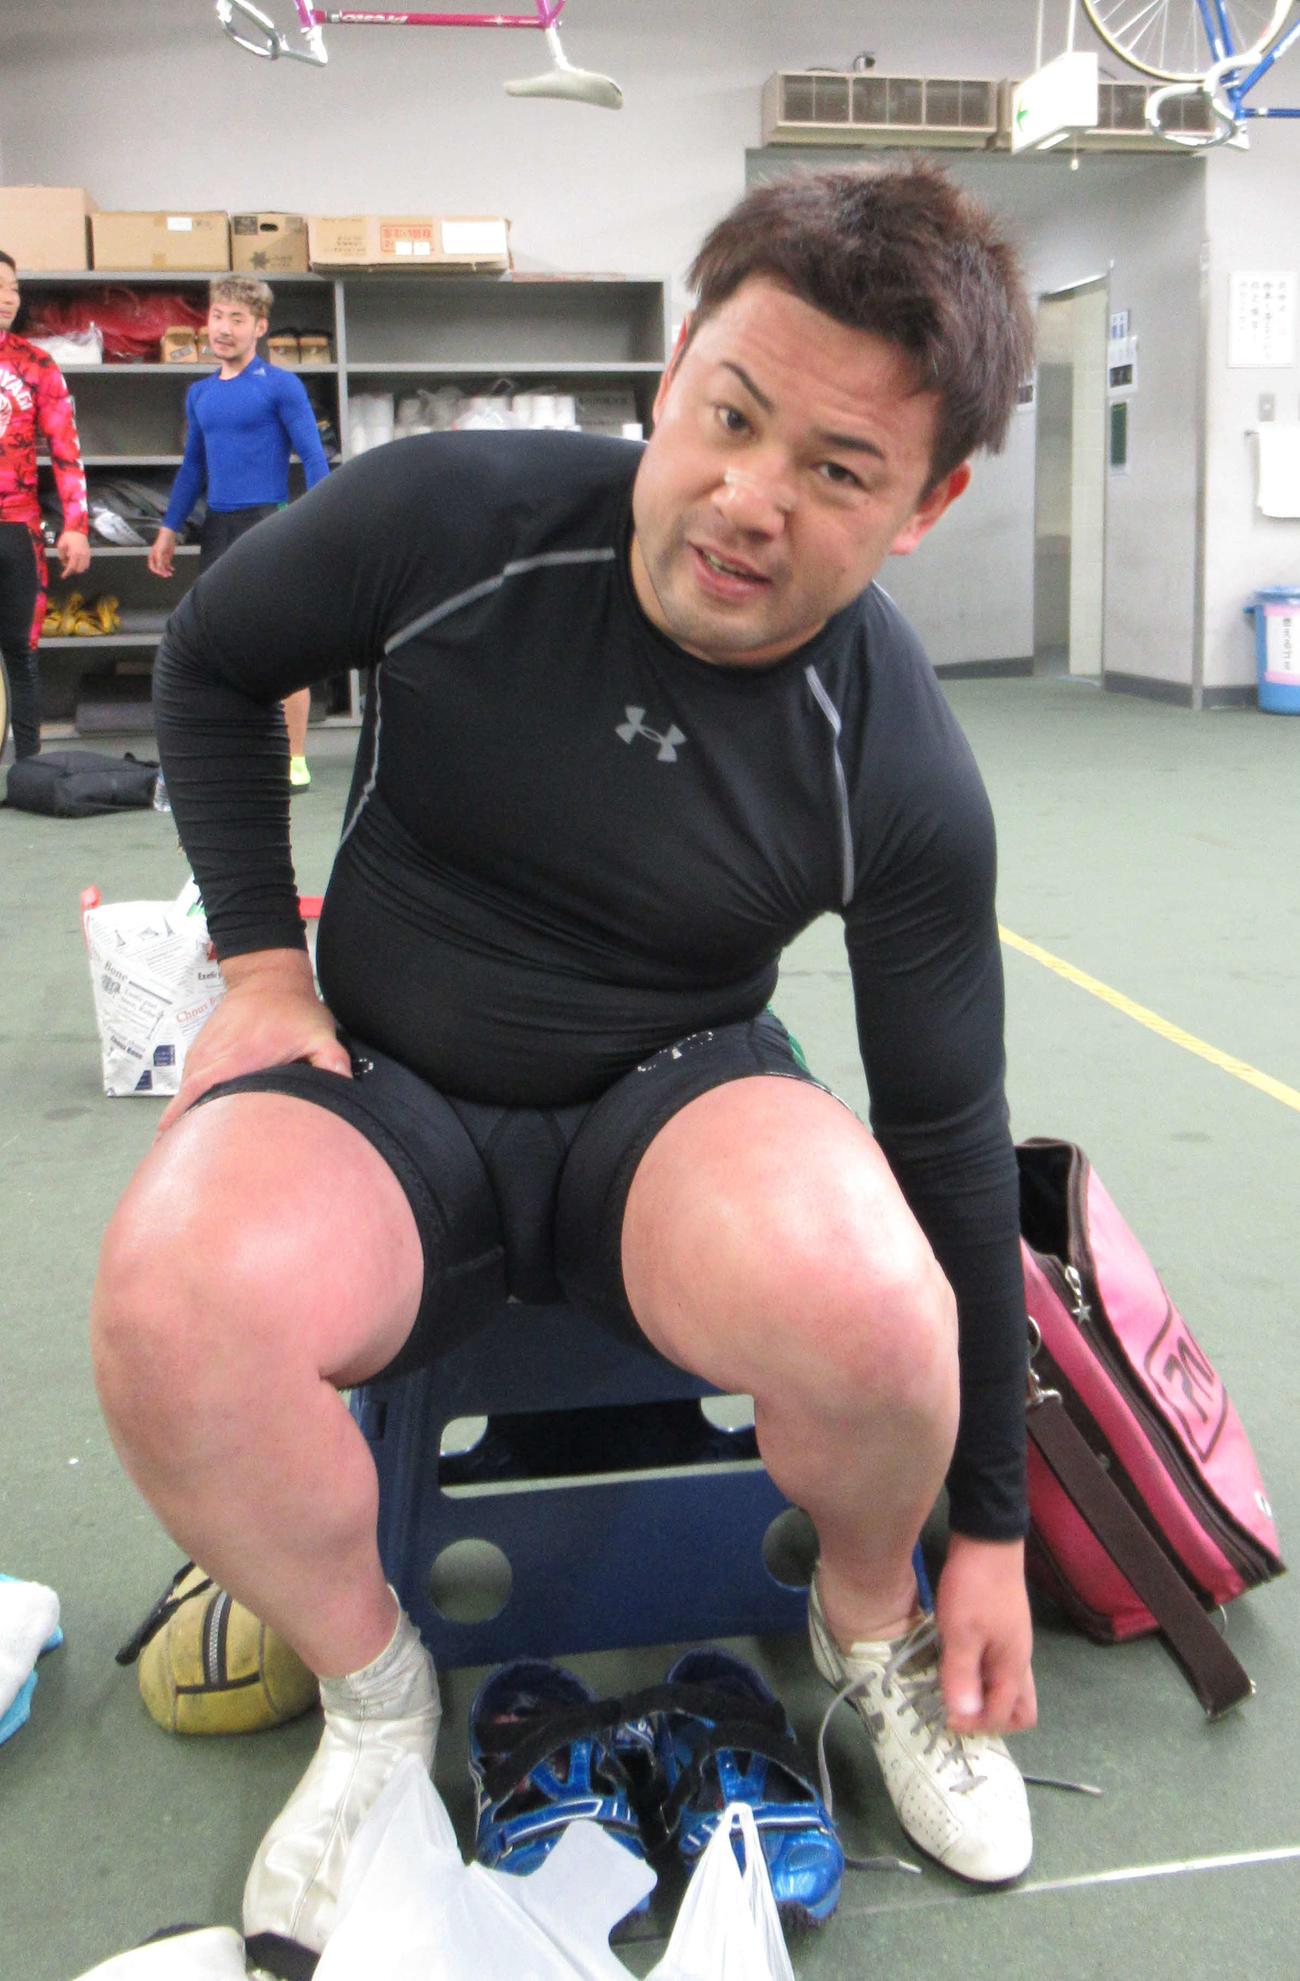 橋本勝弘が絶好番手から2カ月ぶりの勝利(撮影・山田敏明)